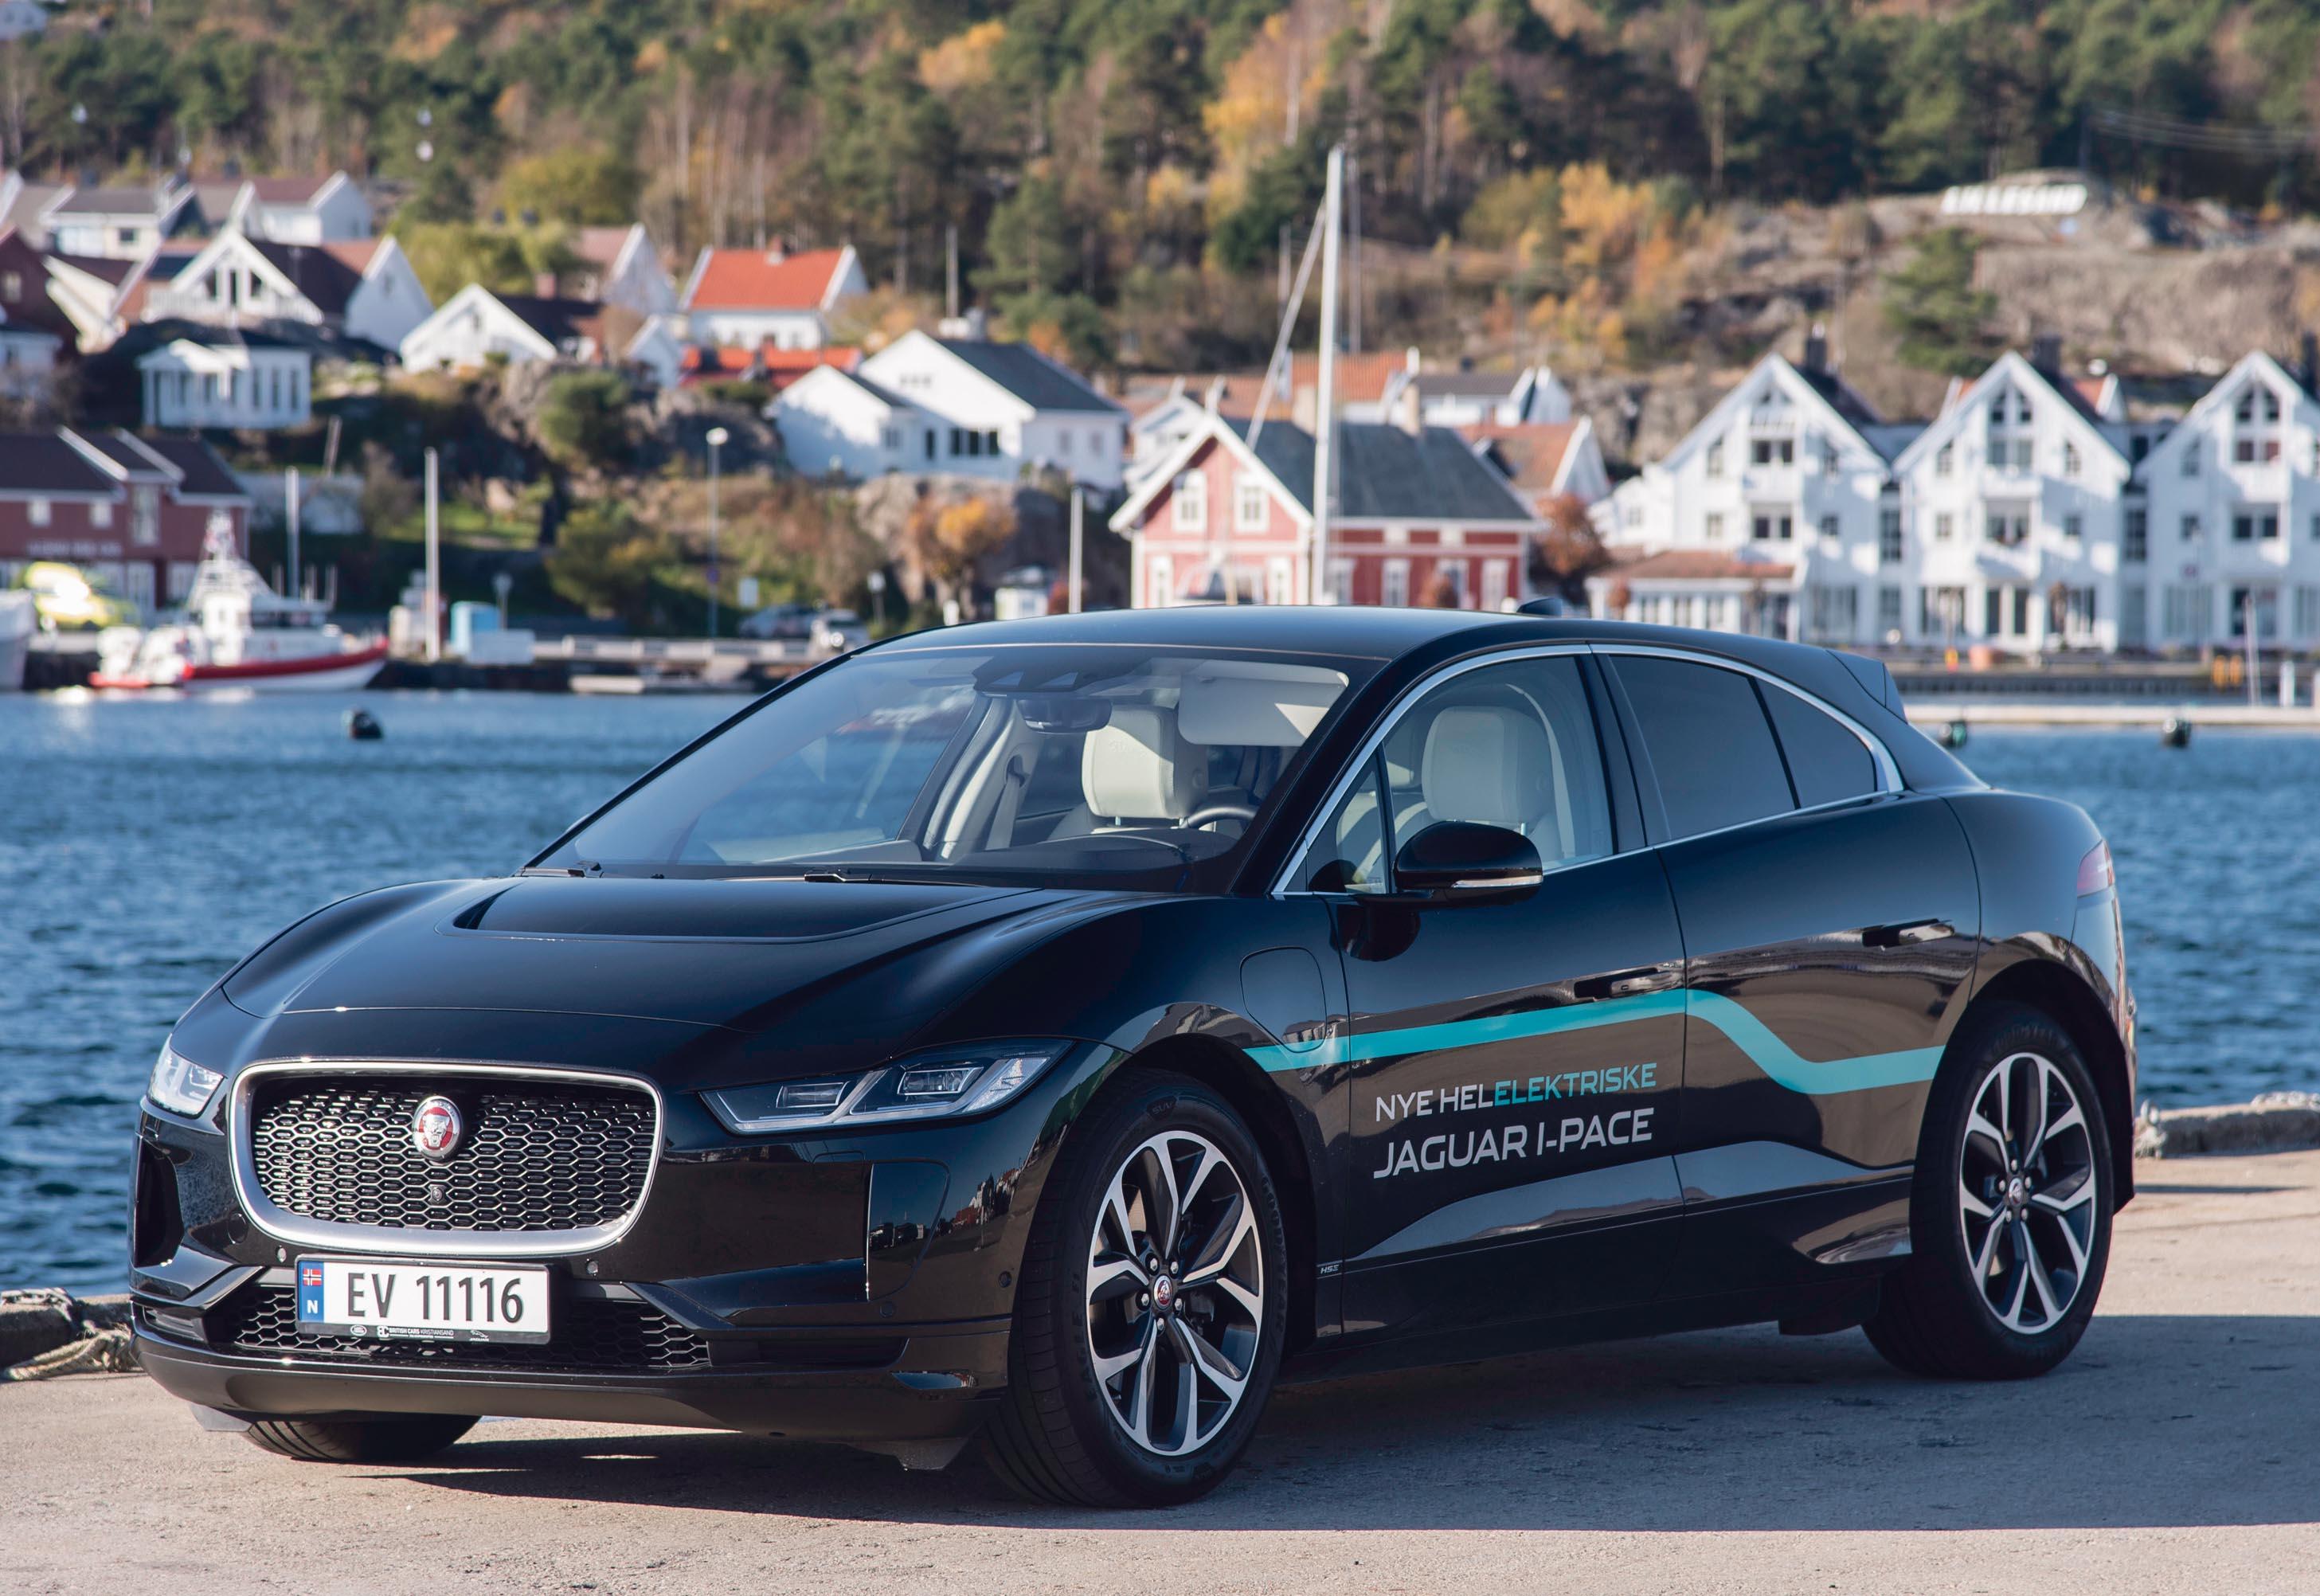 SUV MED SPORTSGENER: Jaguar Fornekter Seg Ikke Med Lav Linjeføring Og Kraftfull Fremtoning, Dette Er Bare Lekkert.  I-Pace Minner Om Det Spenstige Kattedyret I Angrepsposisjon.